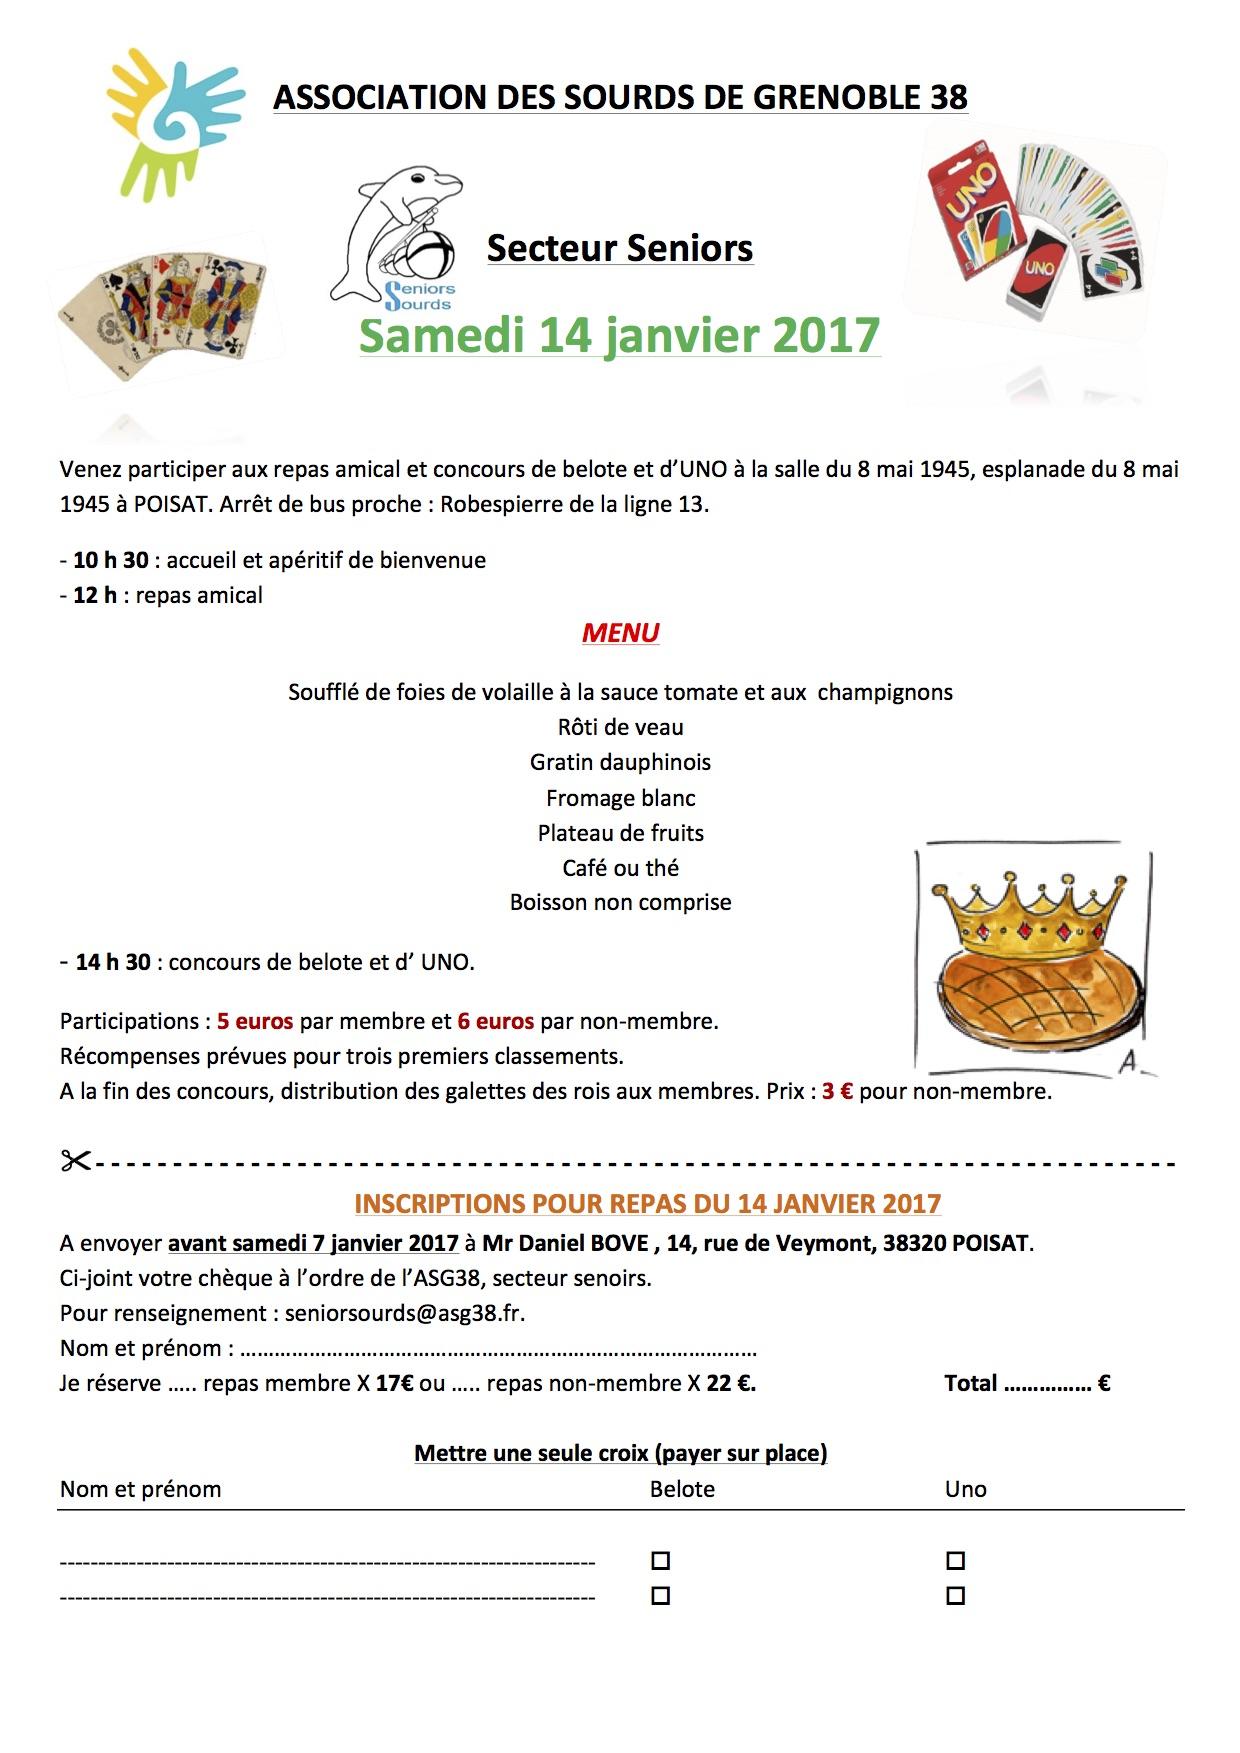 programme-modifie-du-14-janvier-2017